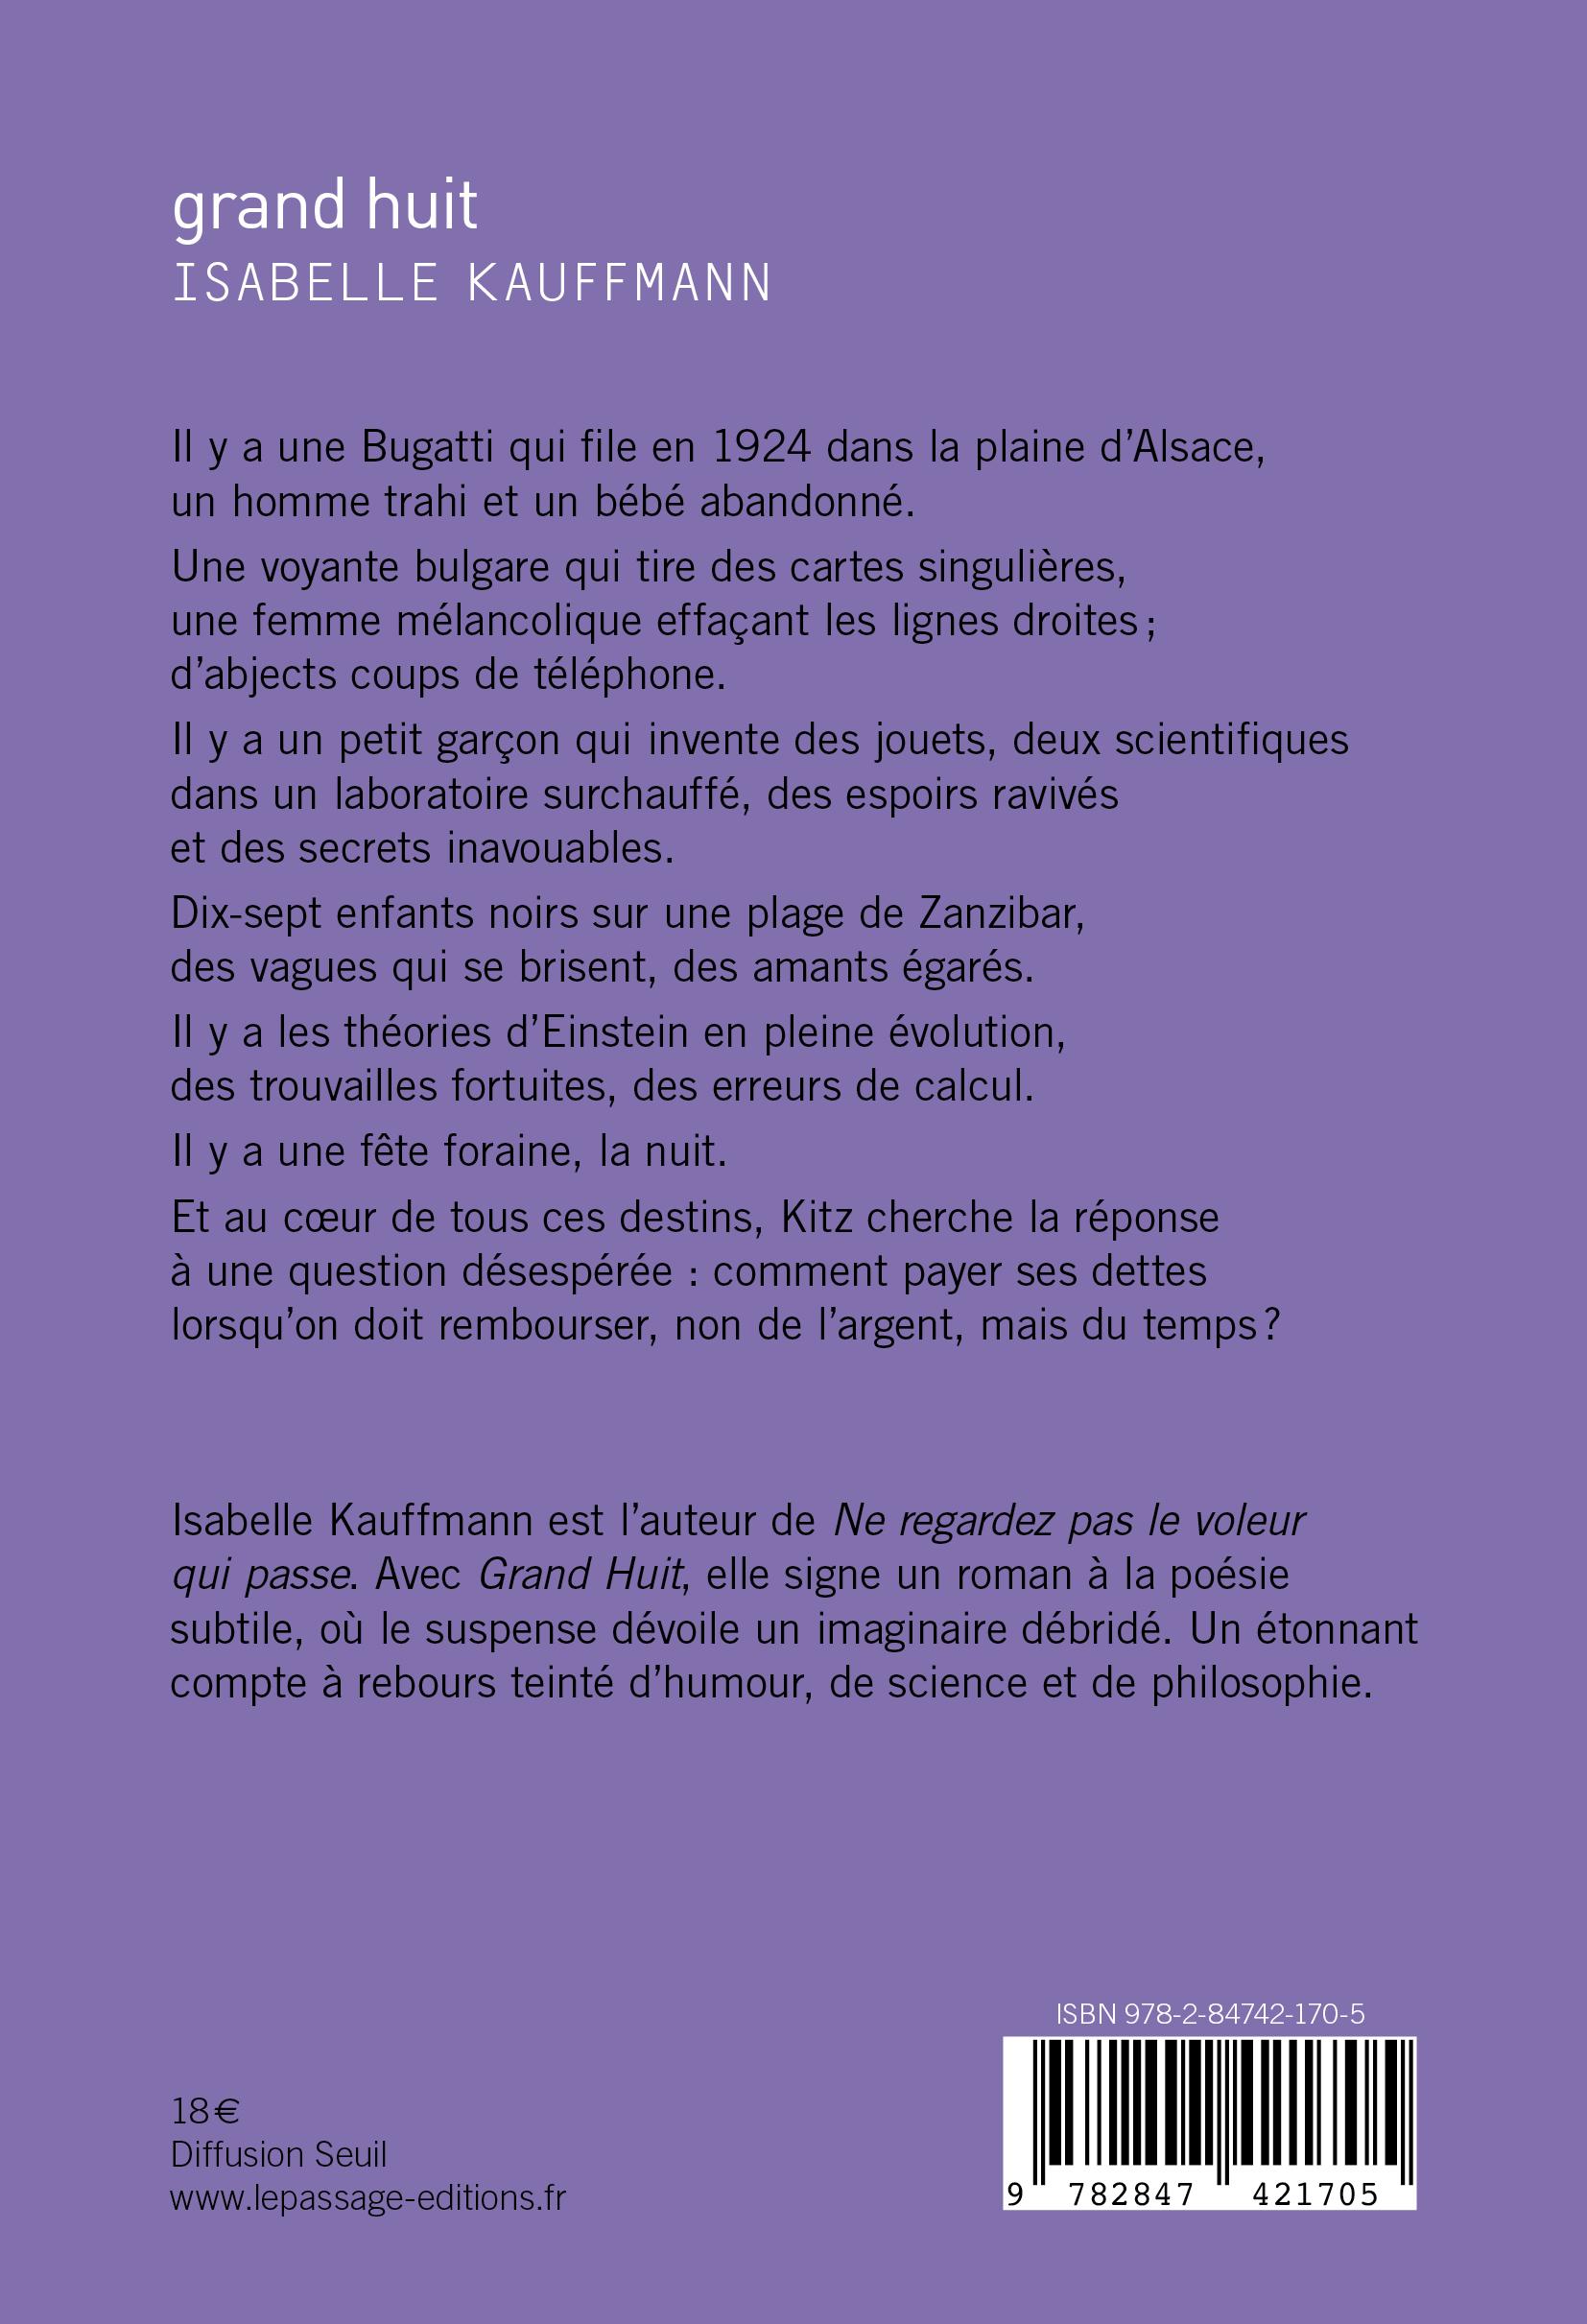 Grand_huit-4e